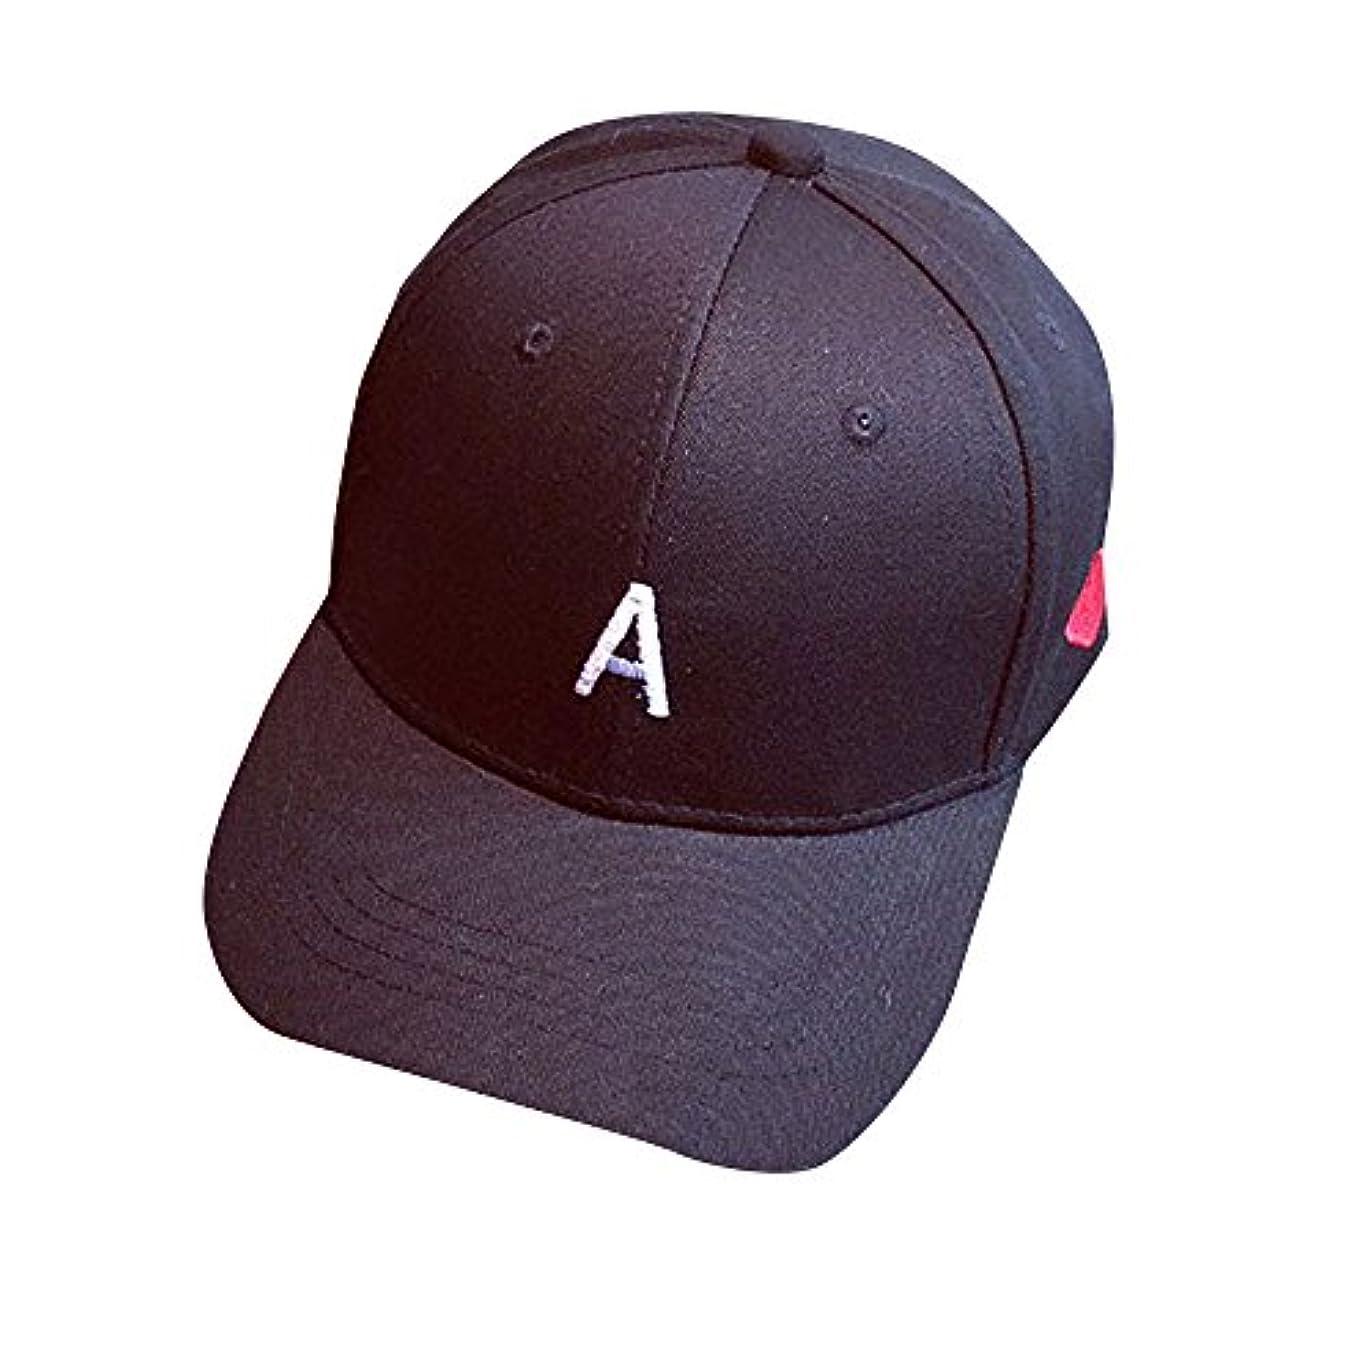 養う保安入場料Racazing Cap 文字刺繍 野球帽 無地 キャップ 夏 登山 通気性のある 帽子 ベルクロ 可調整可能 ヒップホップ 棒球帽 UV 帽子 軽量 屋外 Unisex Hat (黒)